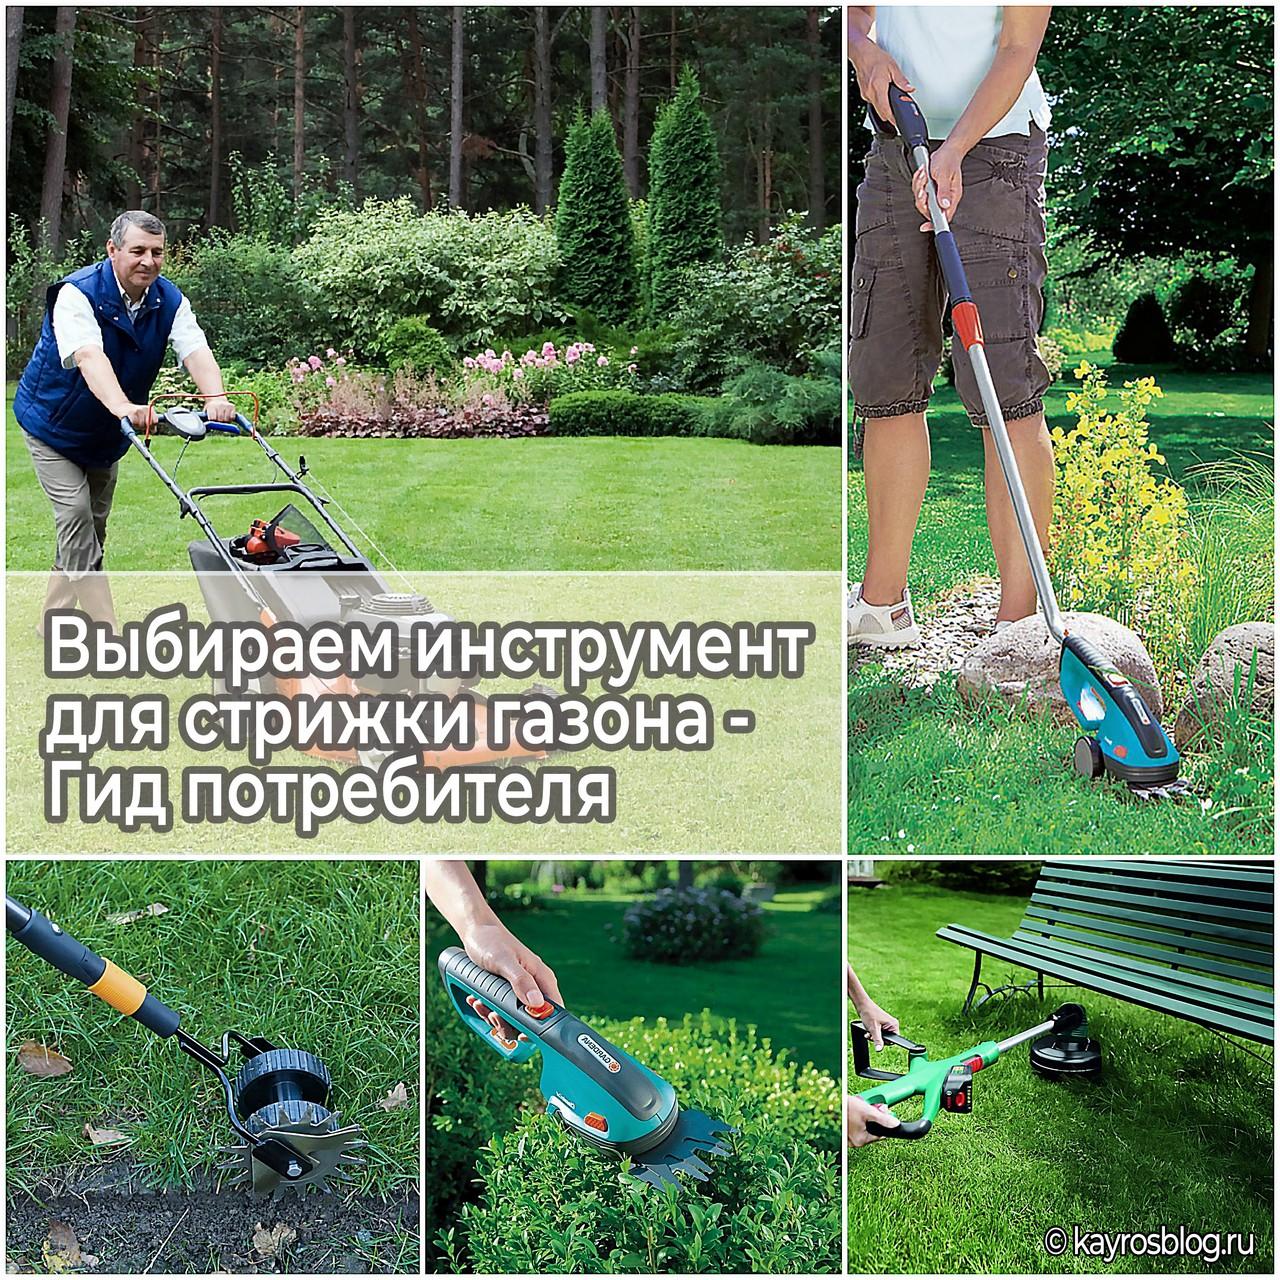 Выбираем инструмент для стрижки газона - Гид потребителя